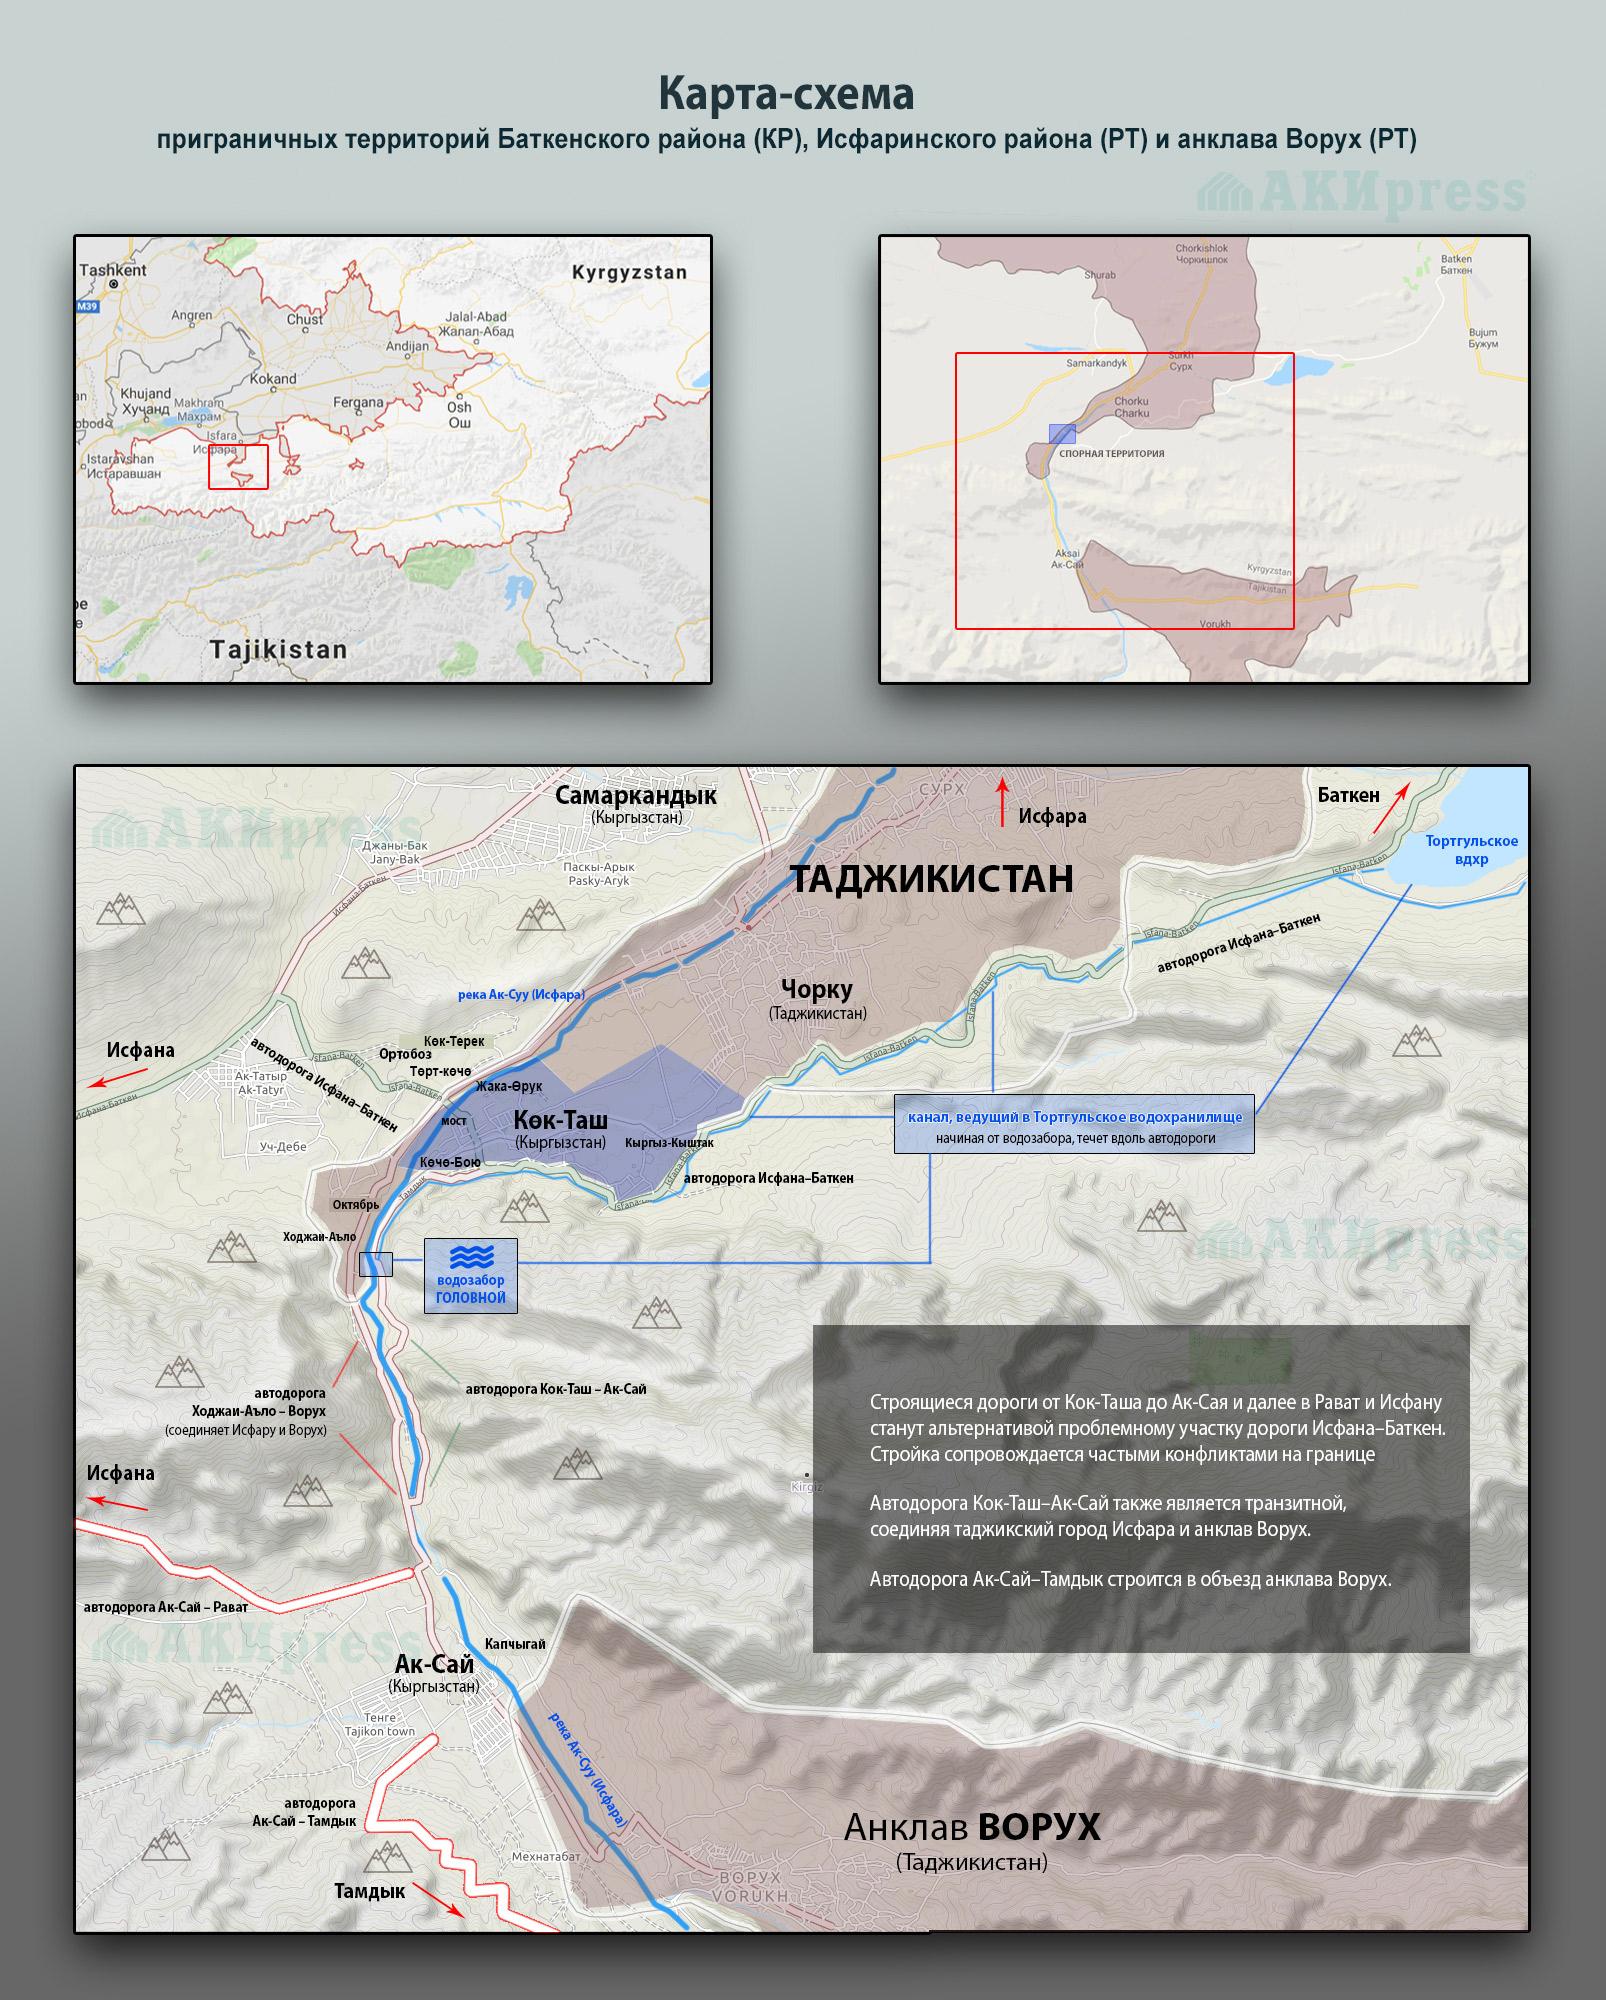 Карта-схема конфликтов на границе Кыргызстана и Таджикистана. Участки Кок-Таш и Ворух